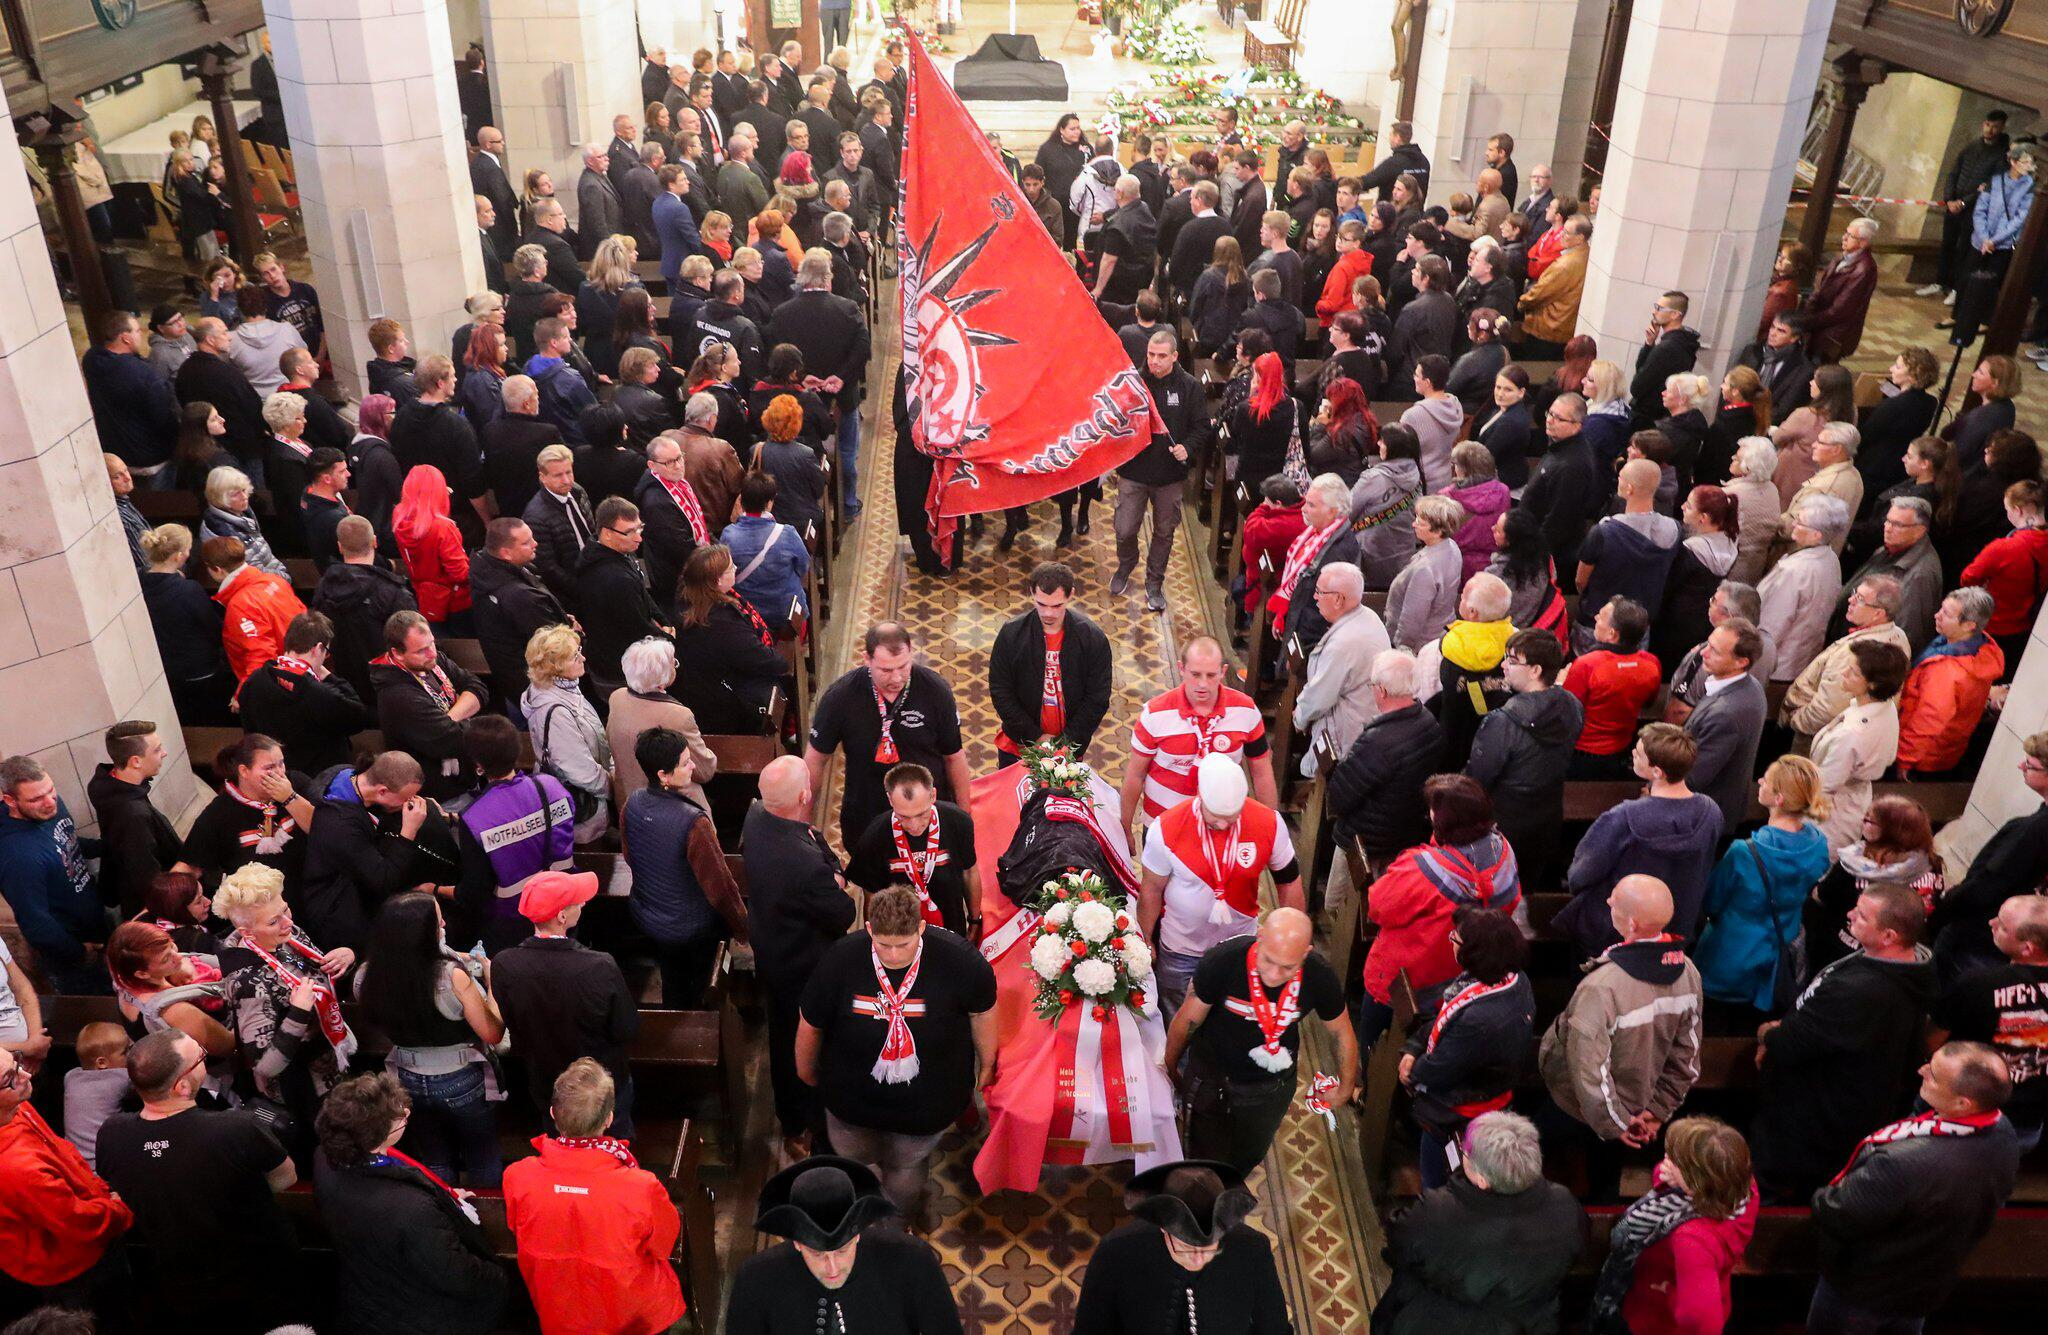 Bild zu Trauerfeier für bei Anschlag getöteten Merseburger